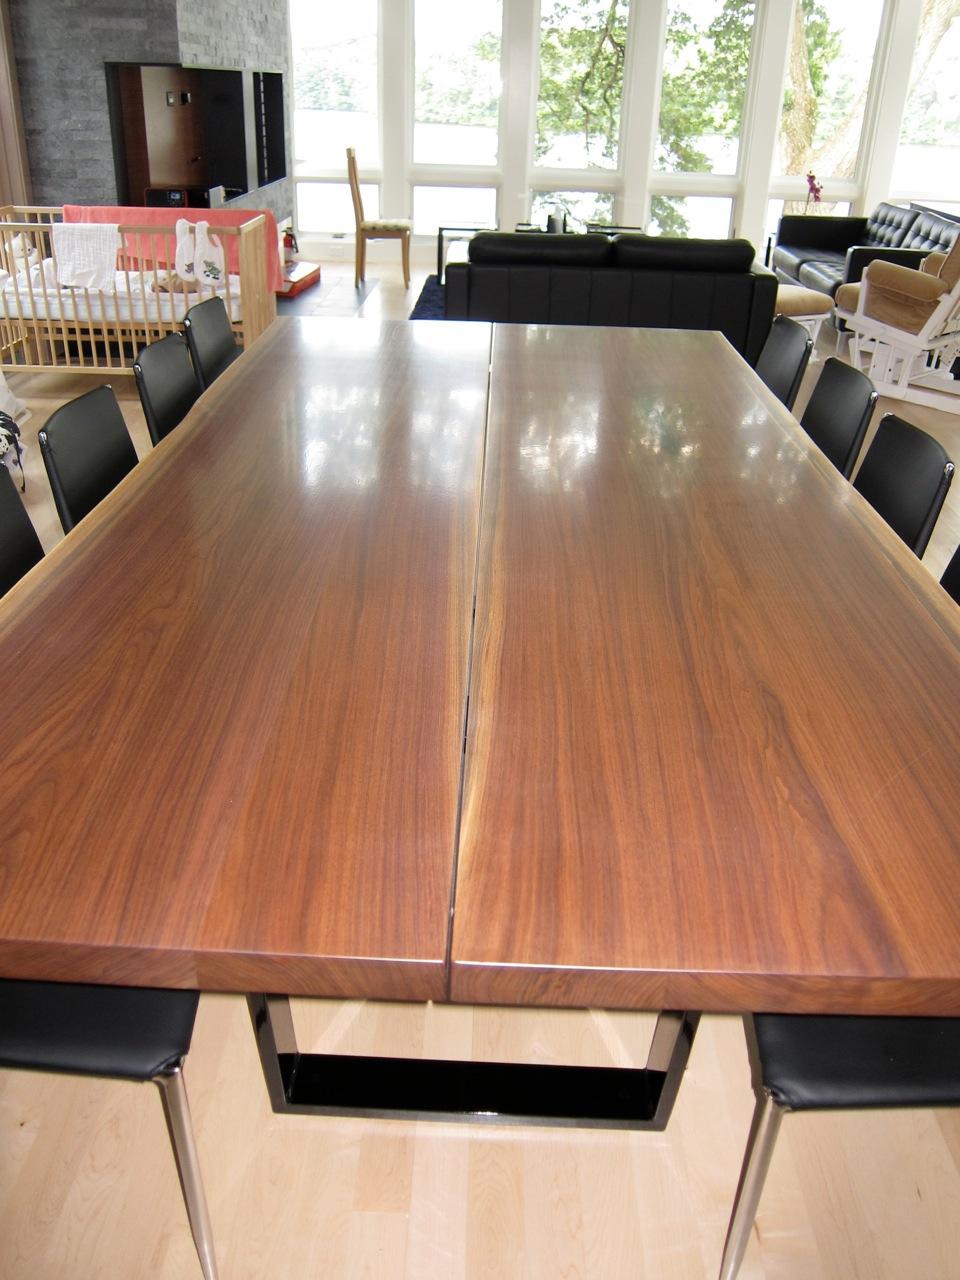 Eastern Black Walnut book-matched slab tabletop